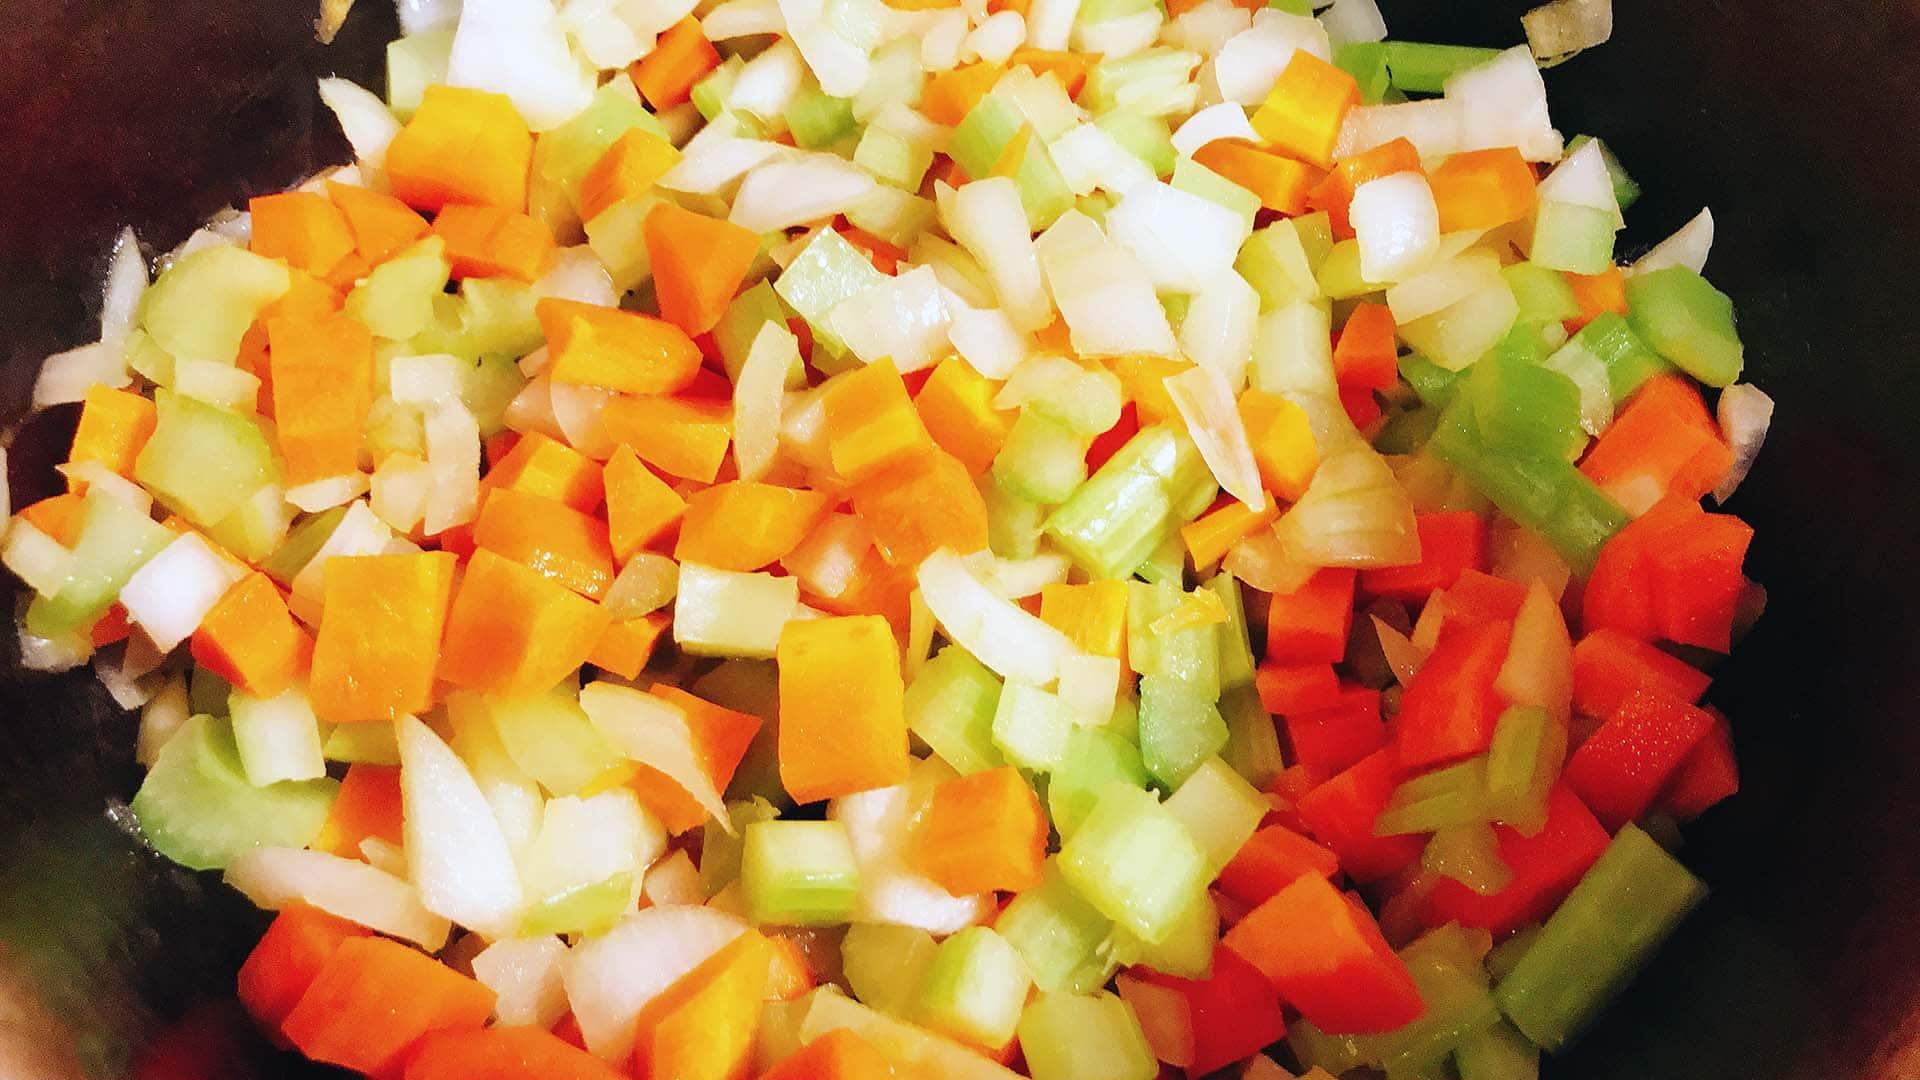 carrot, onion, celery in pan